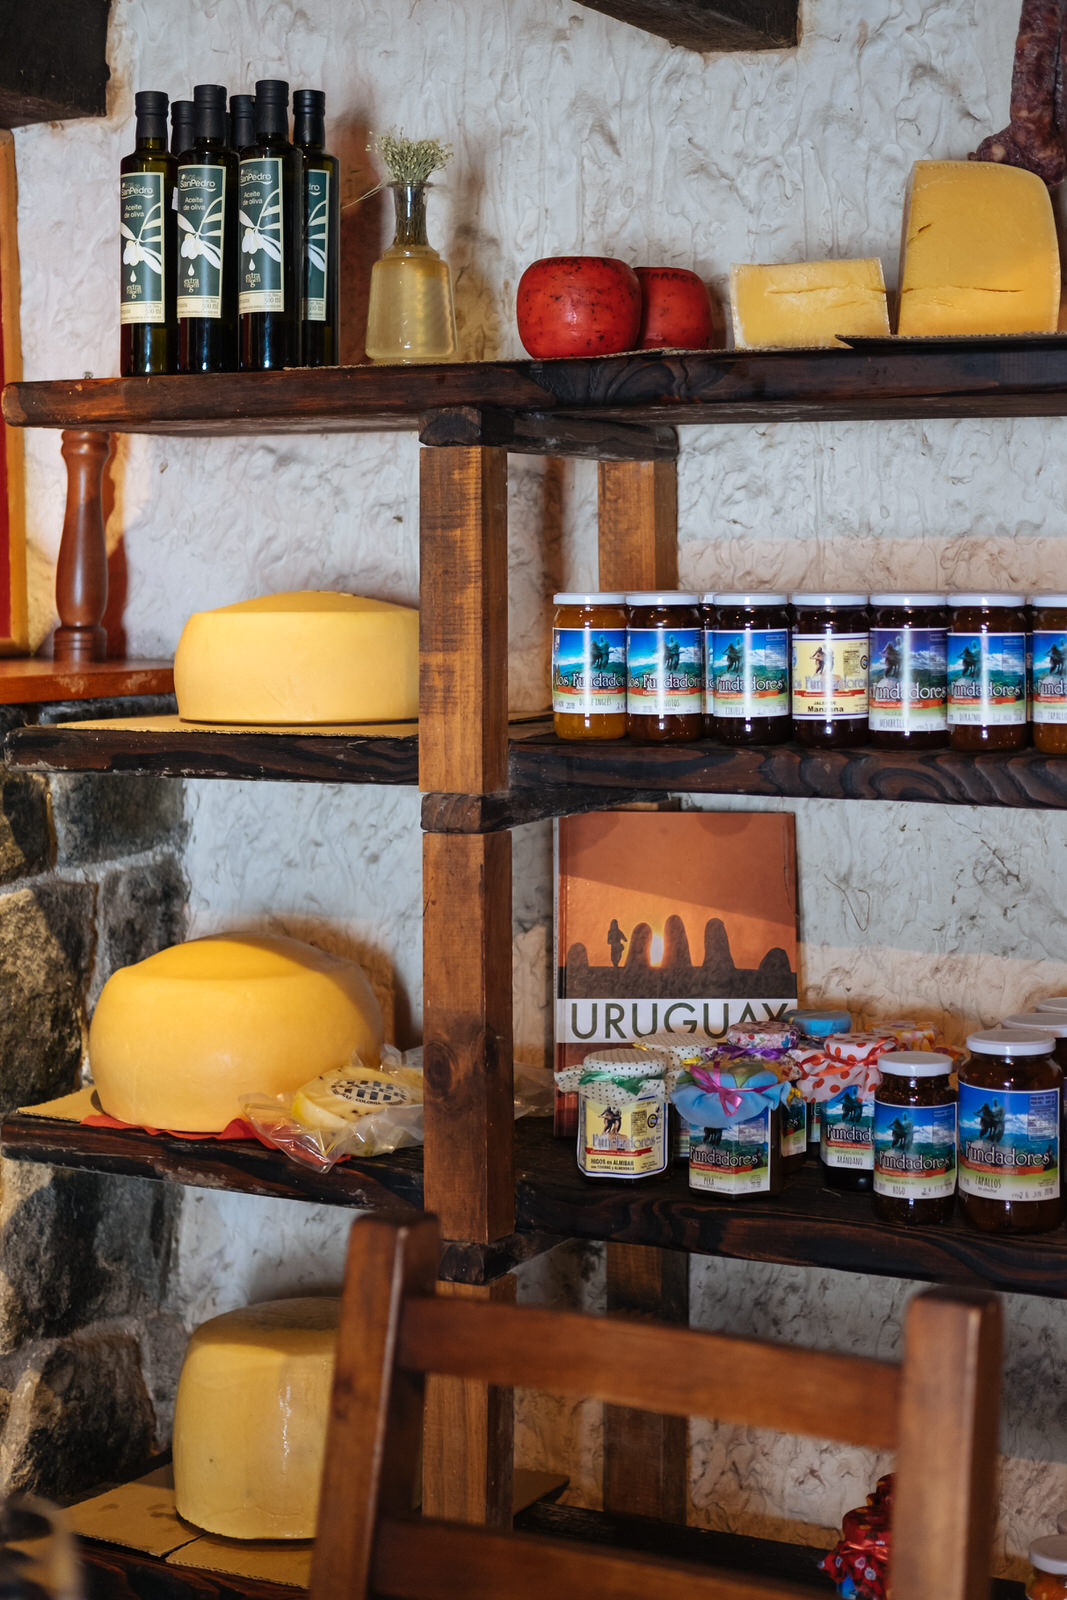 http://www.viveruruguay.com/2014/12/dicas-carmelo-uruguai-.html